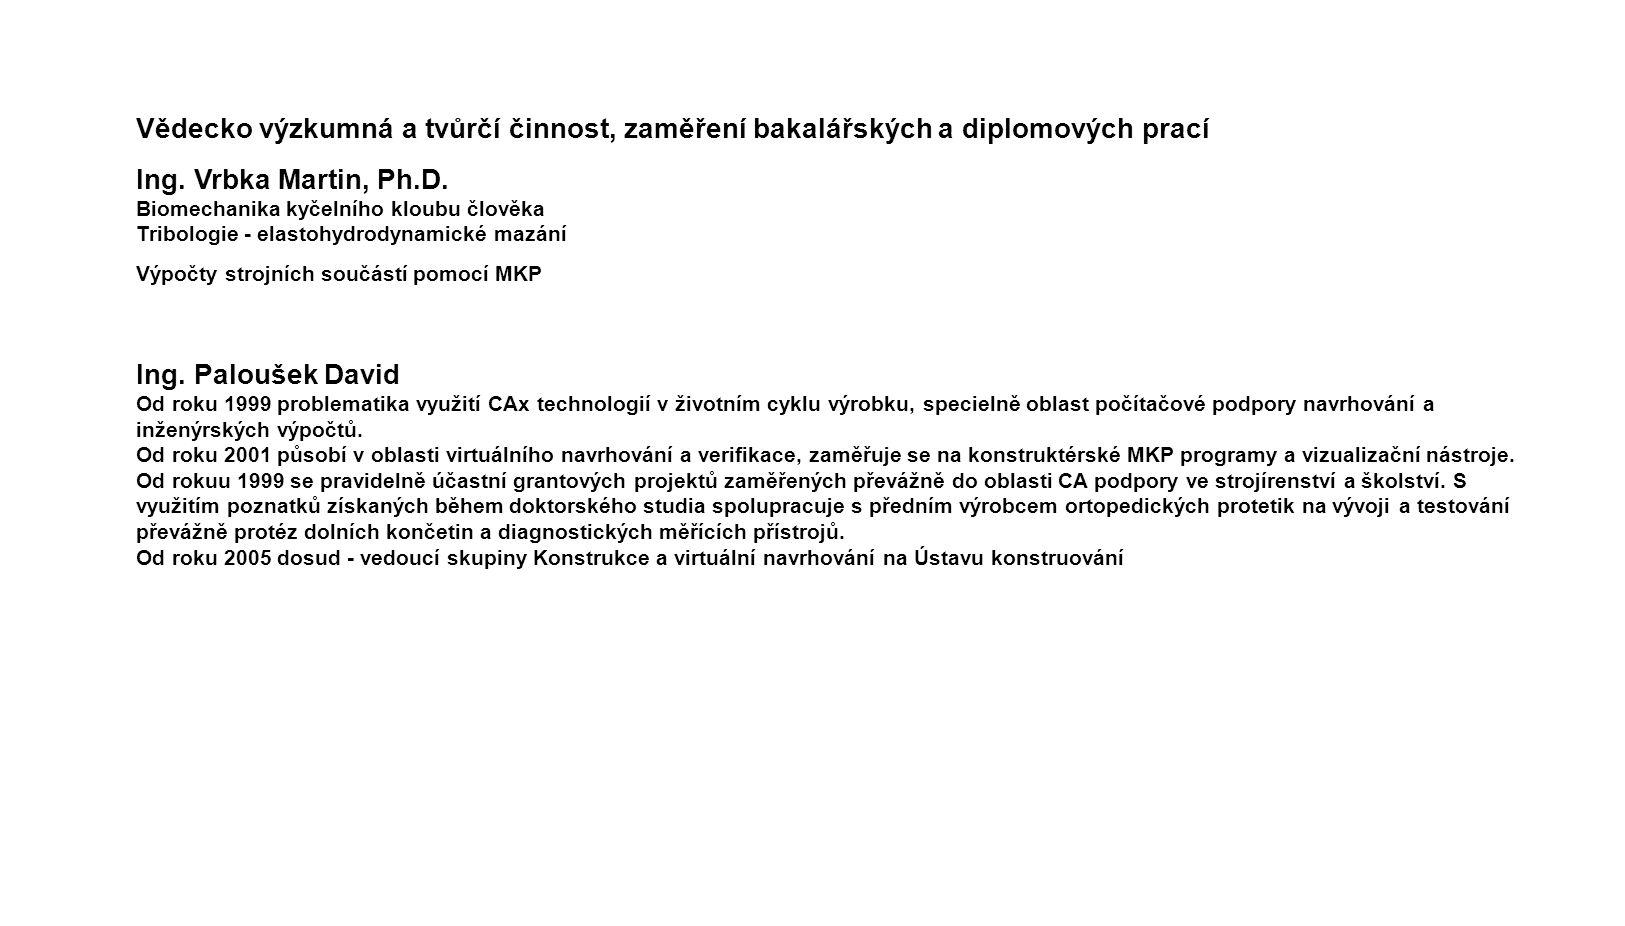 Vědecko výzkumná a tvůrčí činnost, zaměření bakalářských a diplomových prací Ing. Vrbka Martin, Ph.D. Biomechanika kyčelního kloubu člověka Tribologie